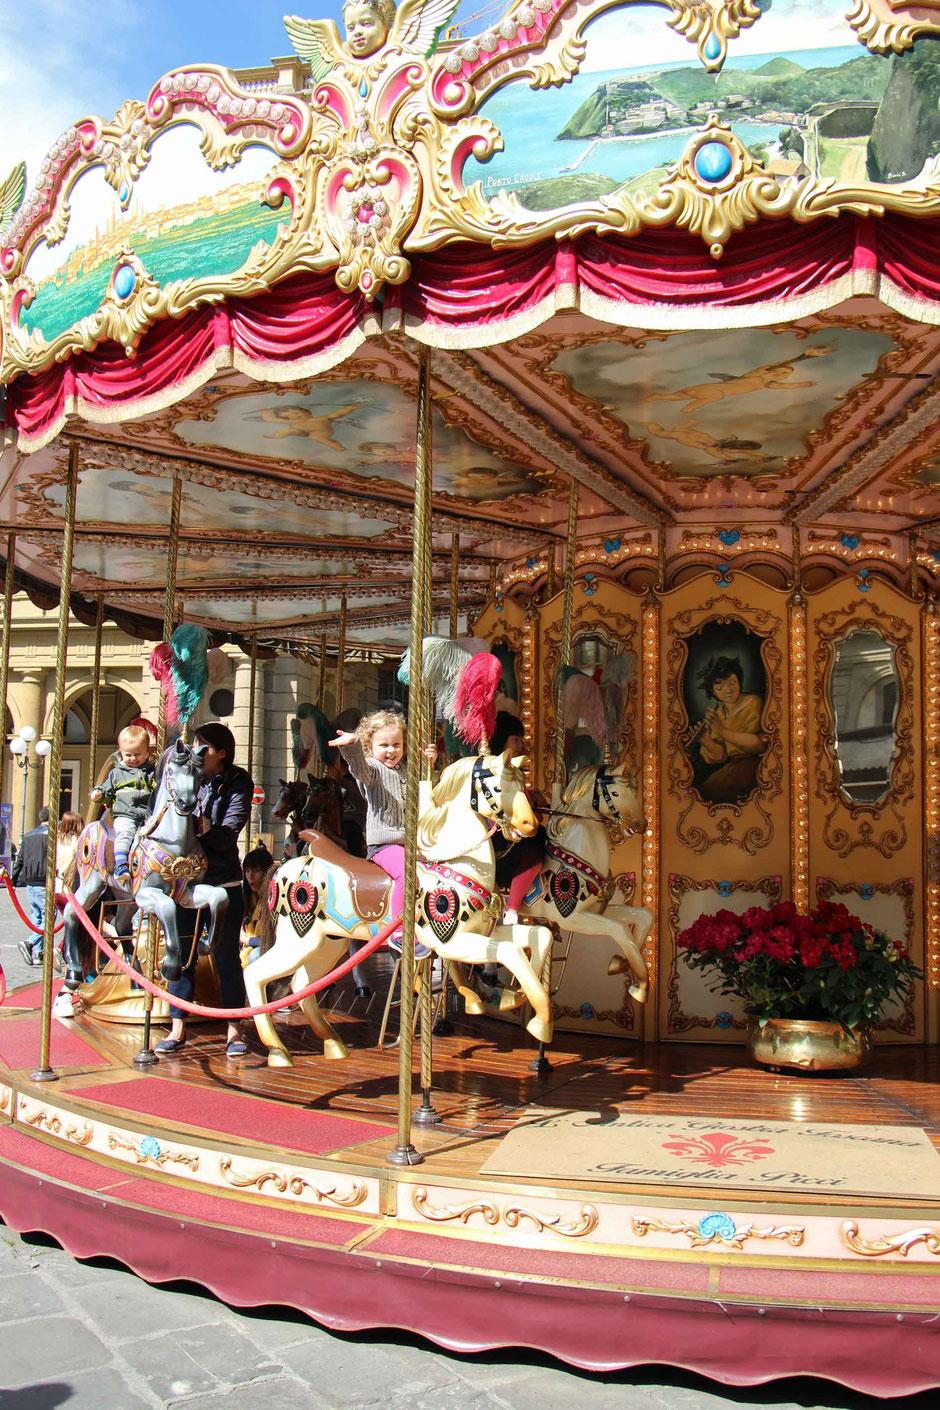 Carousel at Piazza della Repubblica Florence Italy